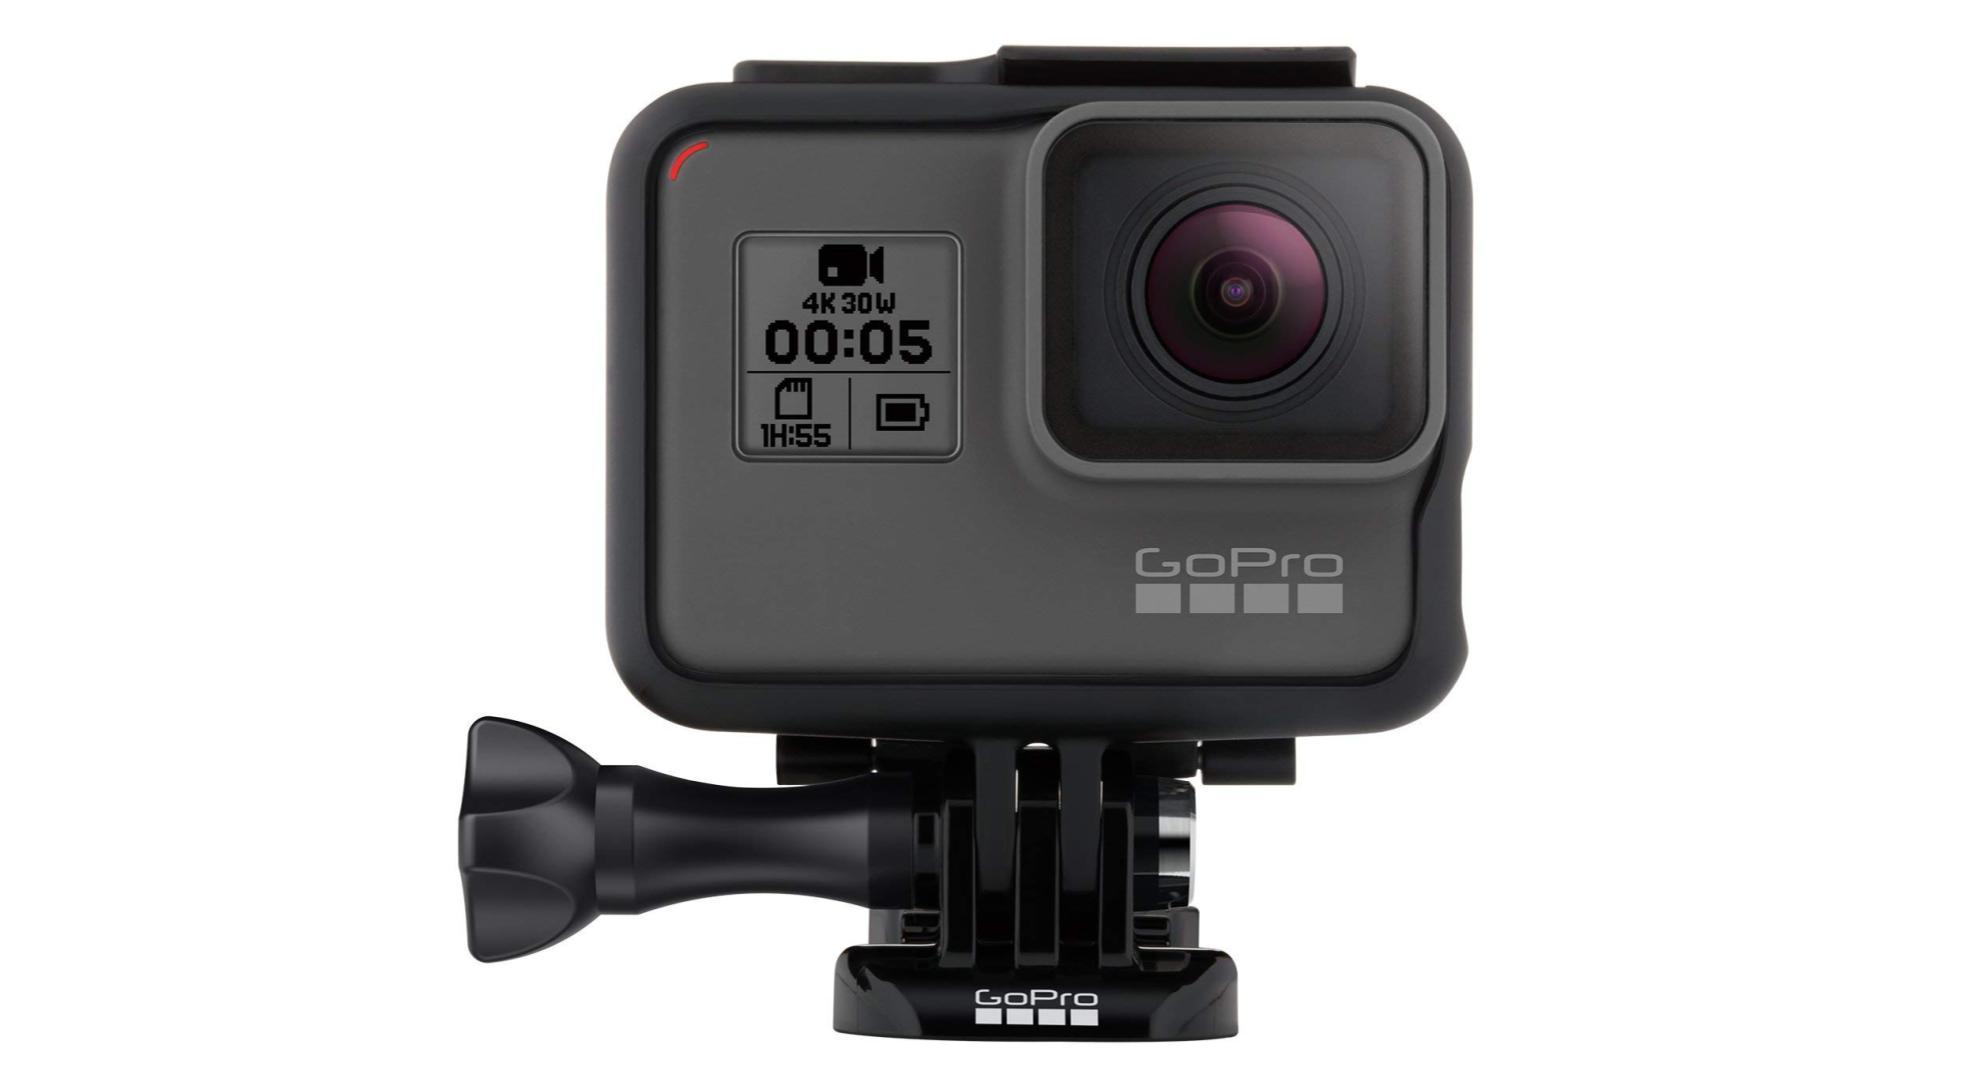 🔥 Bon plan : la GoPro Hero 5 avec son lot d'accessoires est à 259 euros au lieu de 379 euros